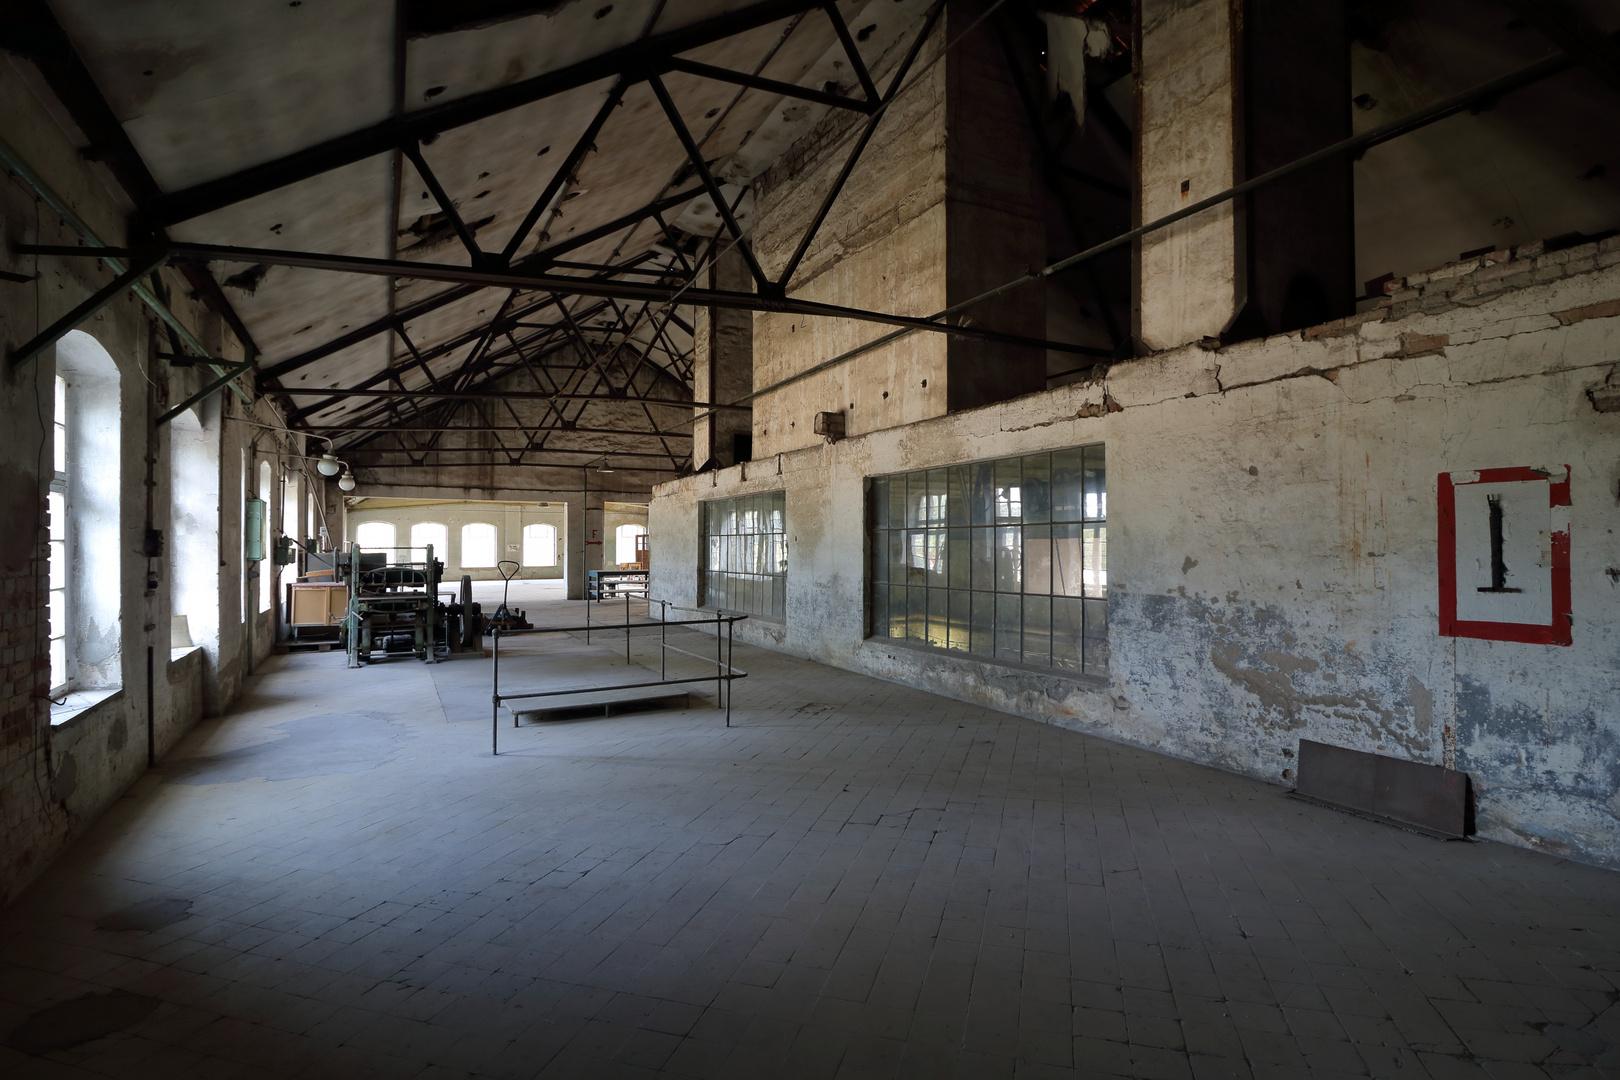 Produktionshalle einer inzwischen verlassenen Papierfabrik